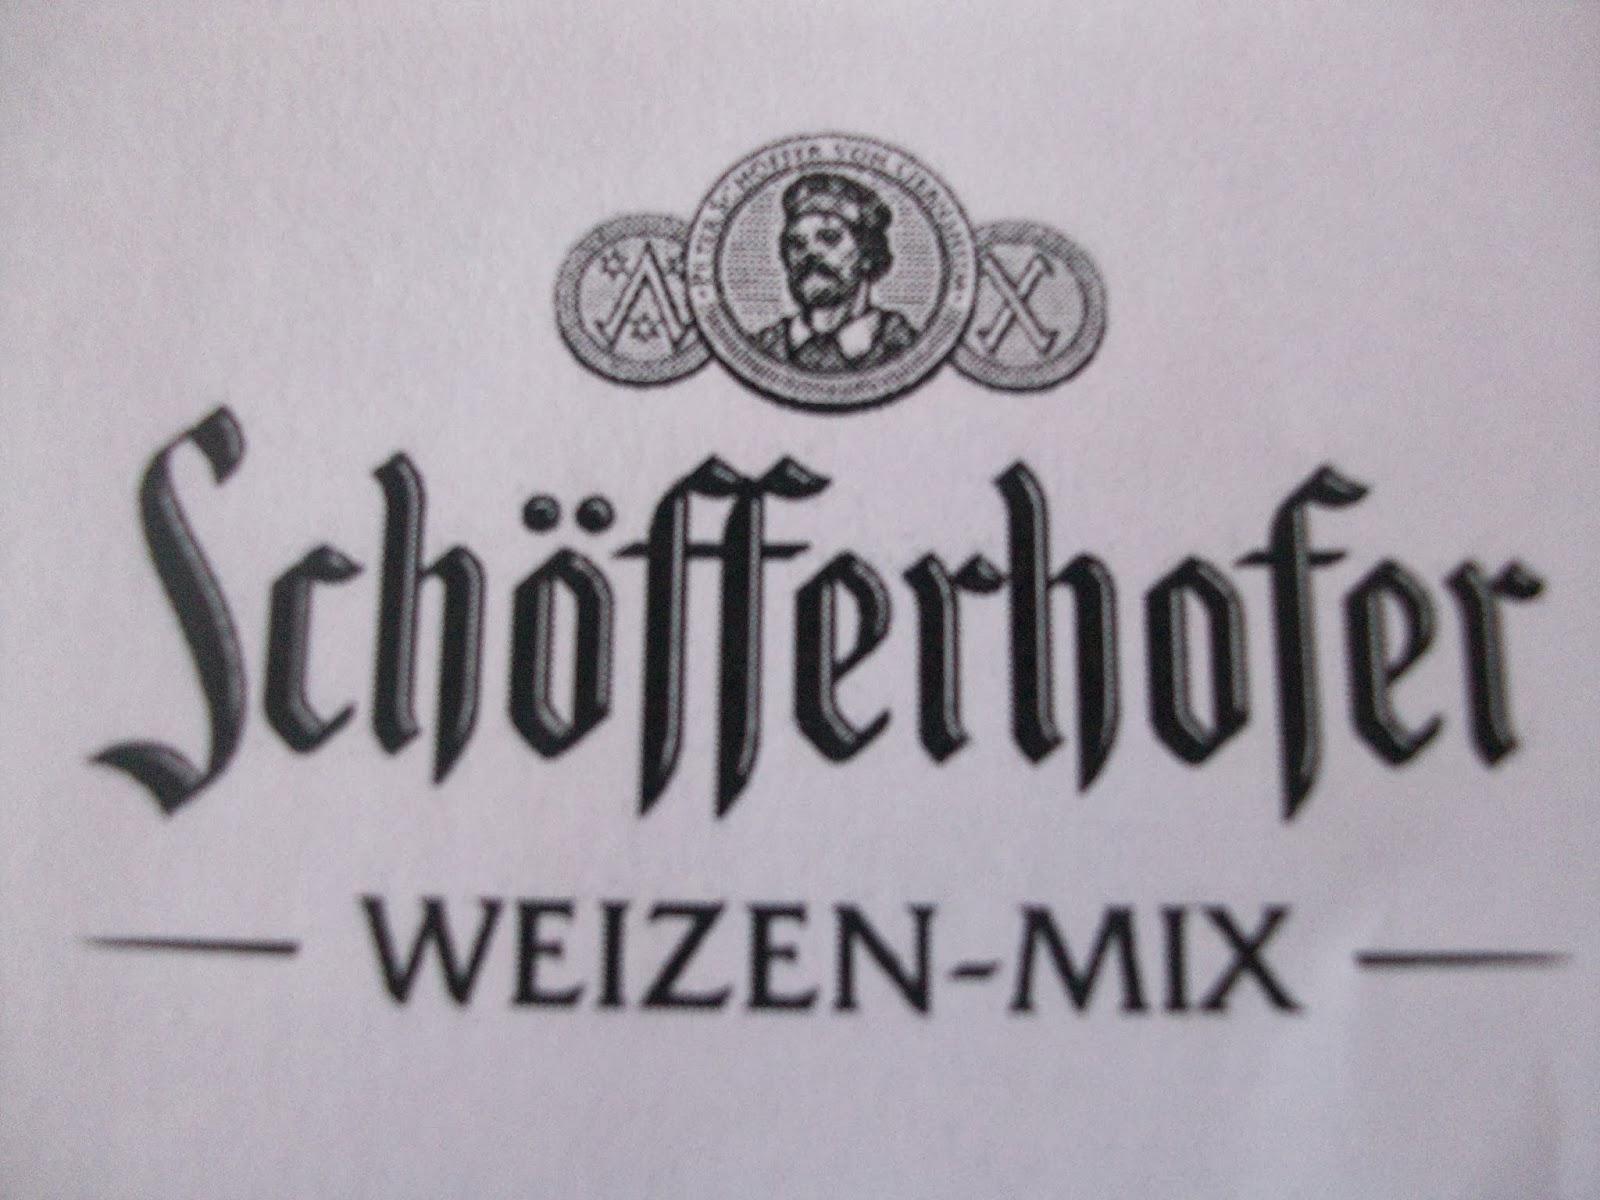 http://www.schoefferhofer.de/